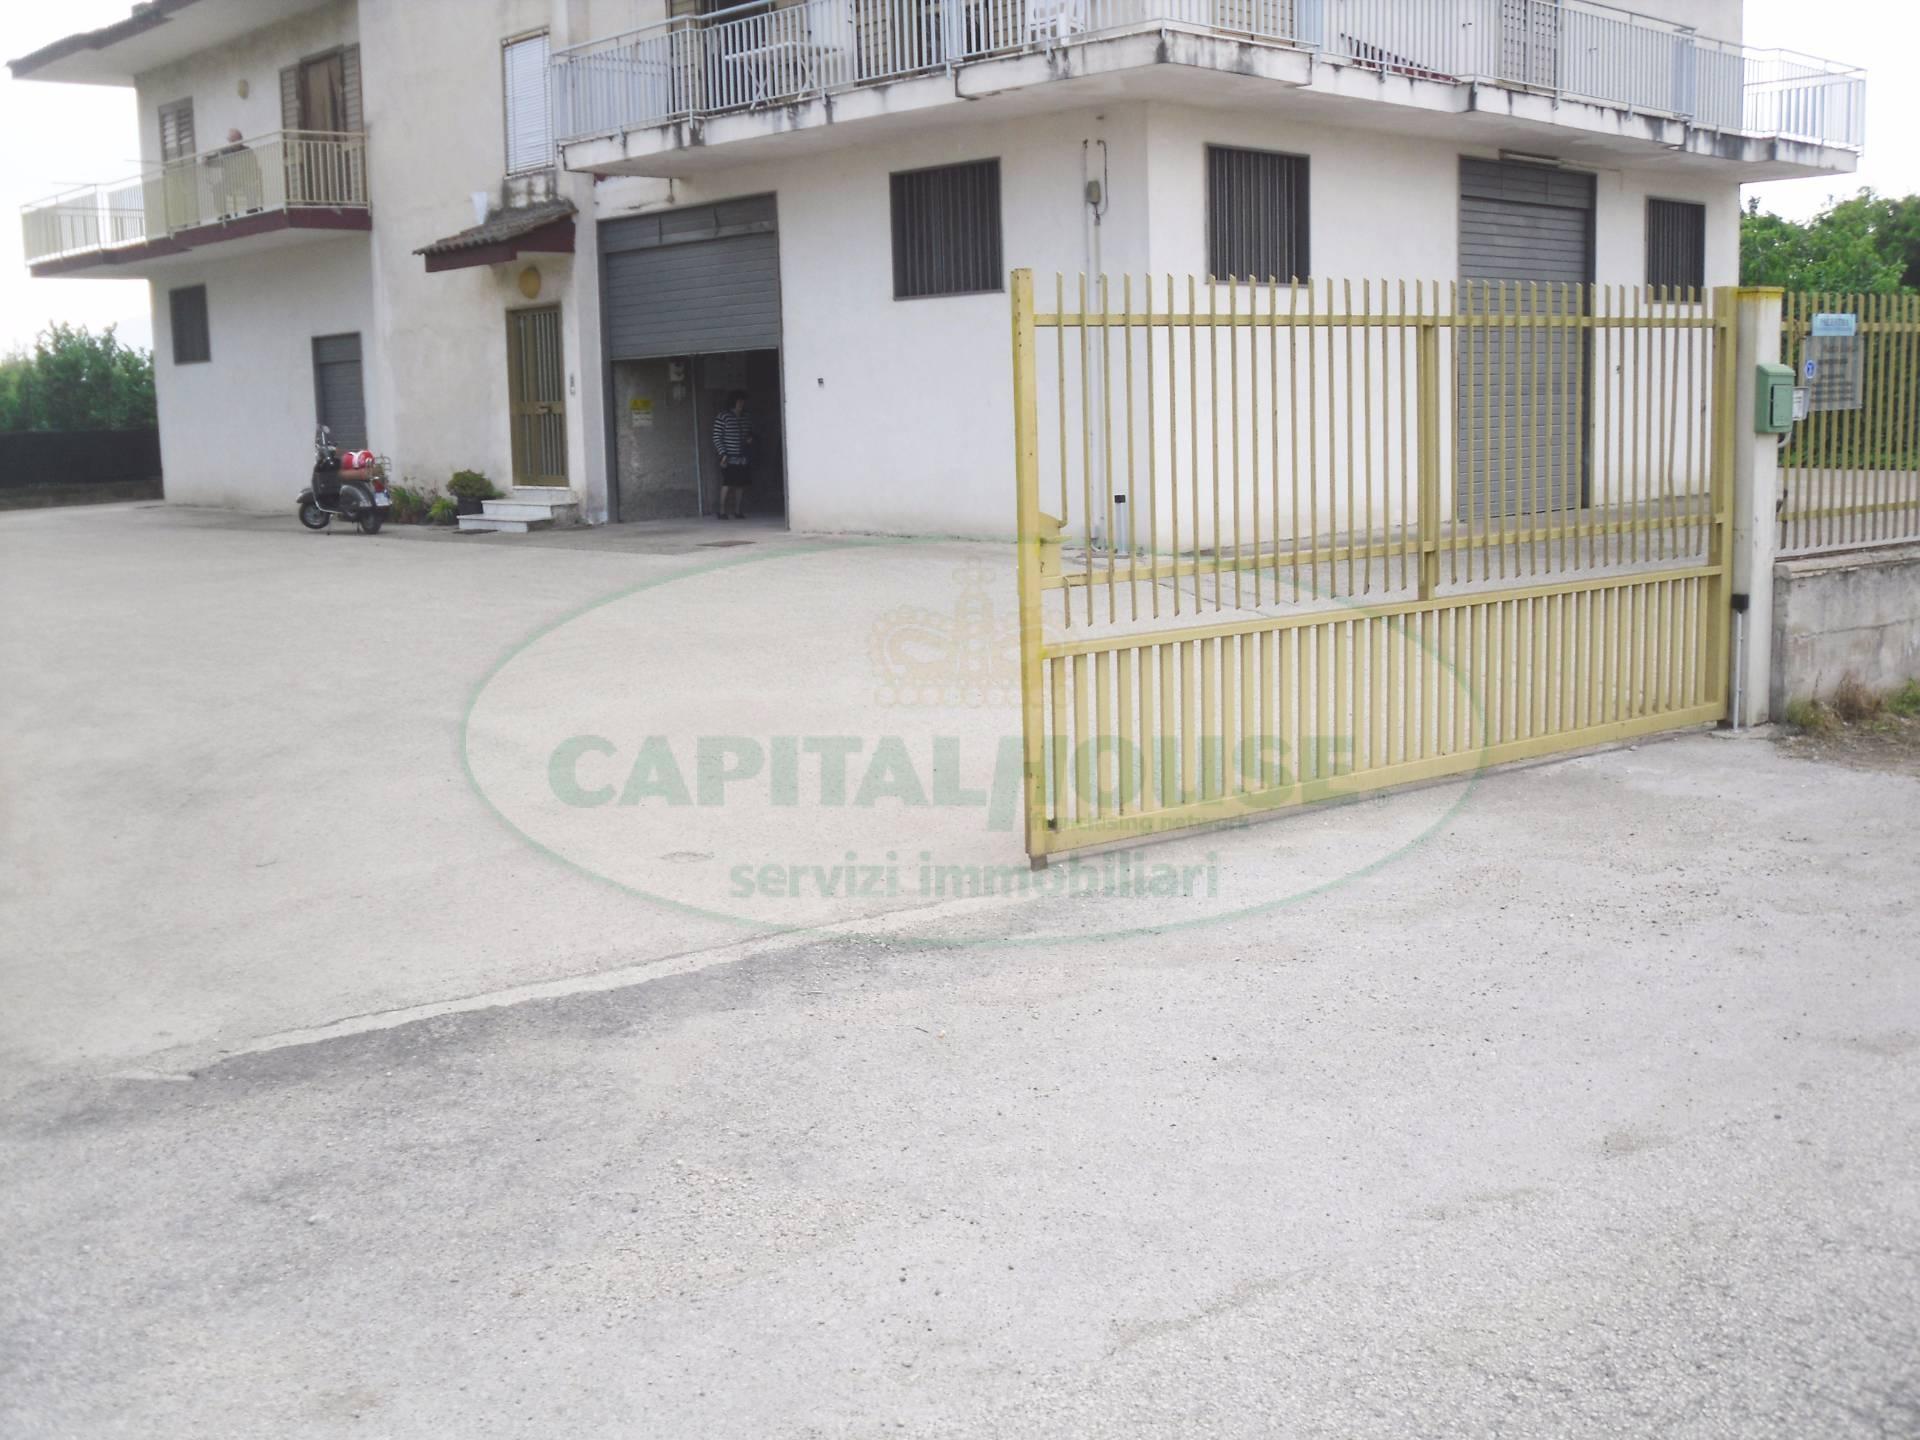 Negozio / Locale in affitto a Nola, 9999 locali, prezzo € 700 | Cambio Casa.it